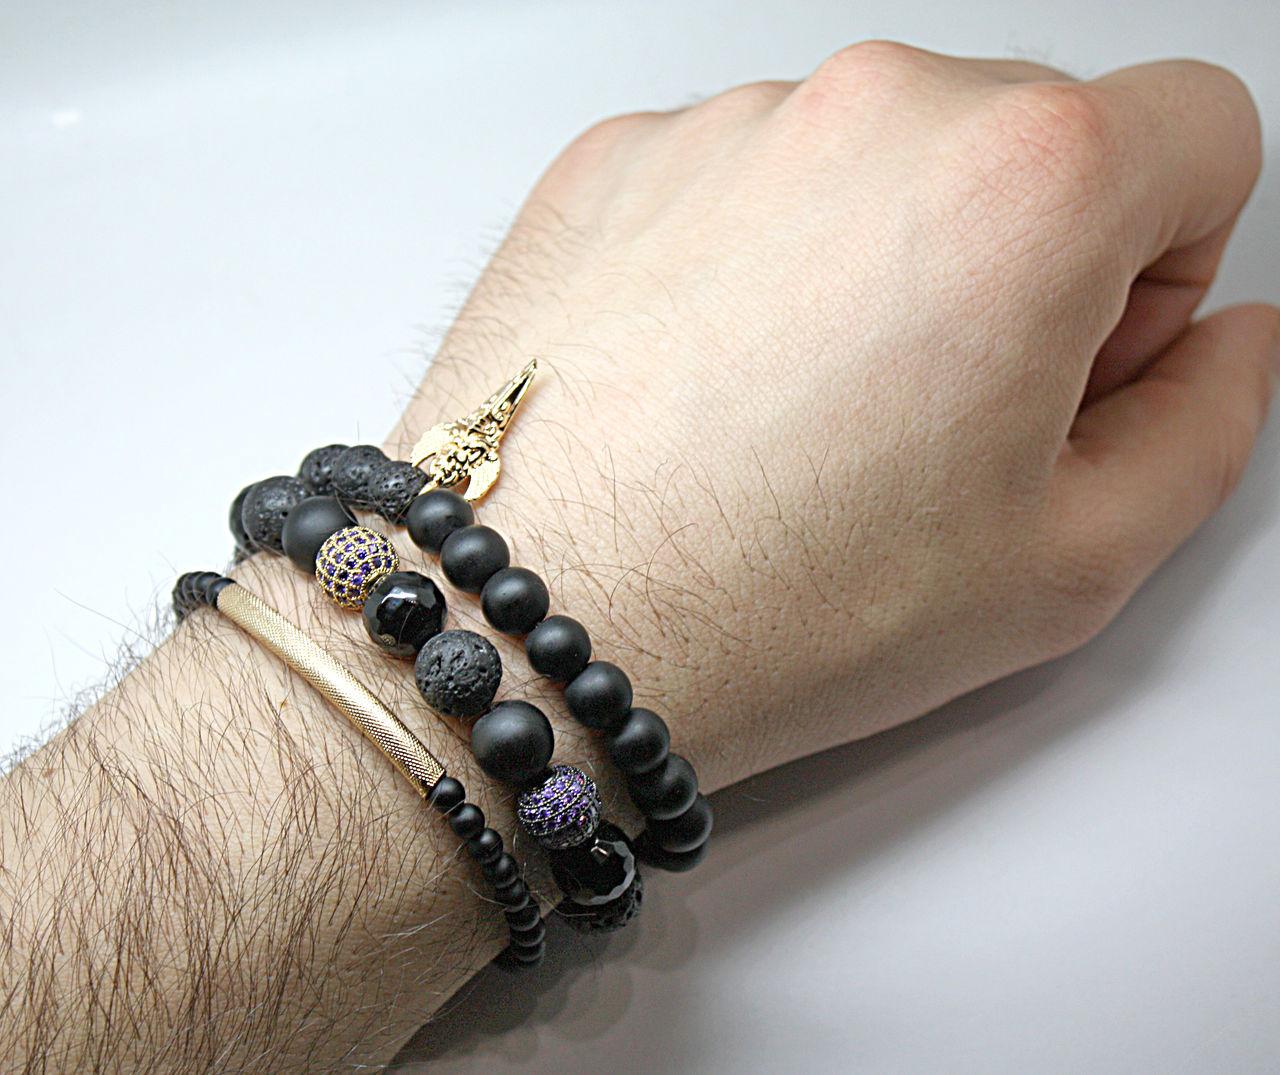 На какой руке носят браслет мужчины